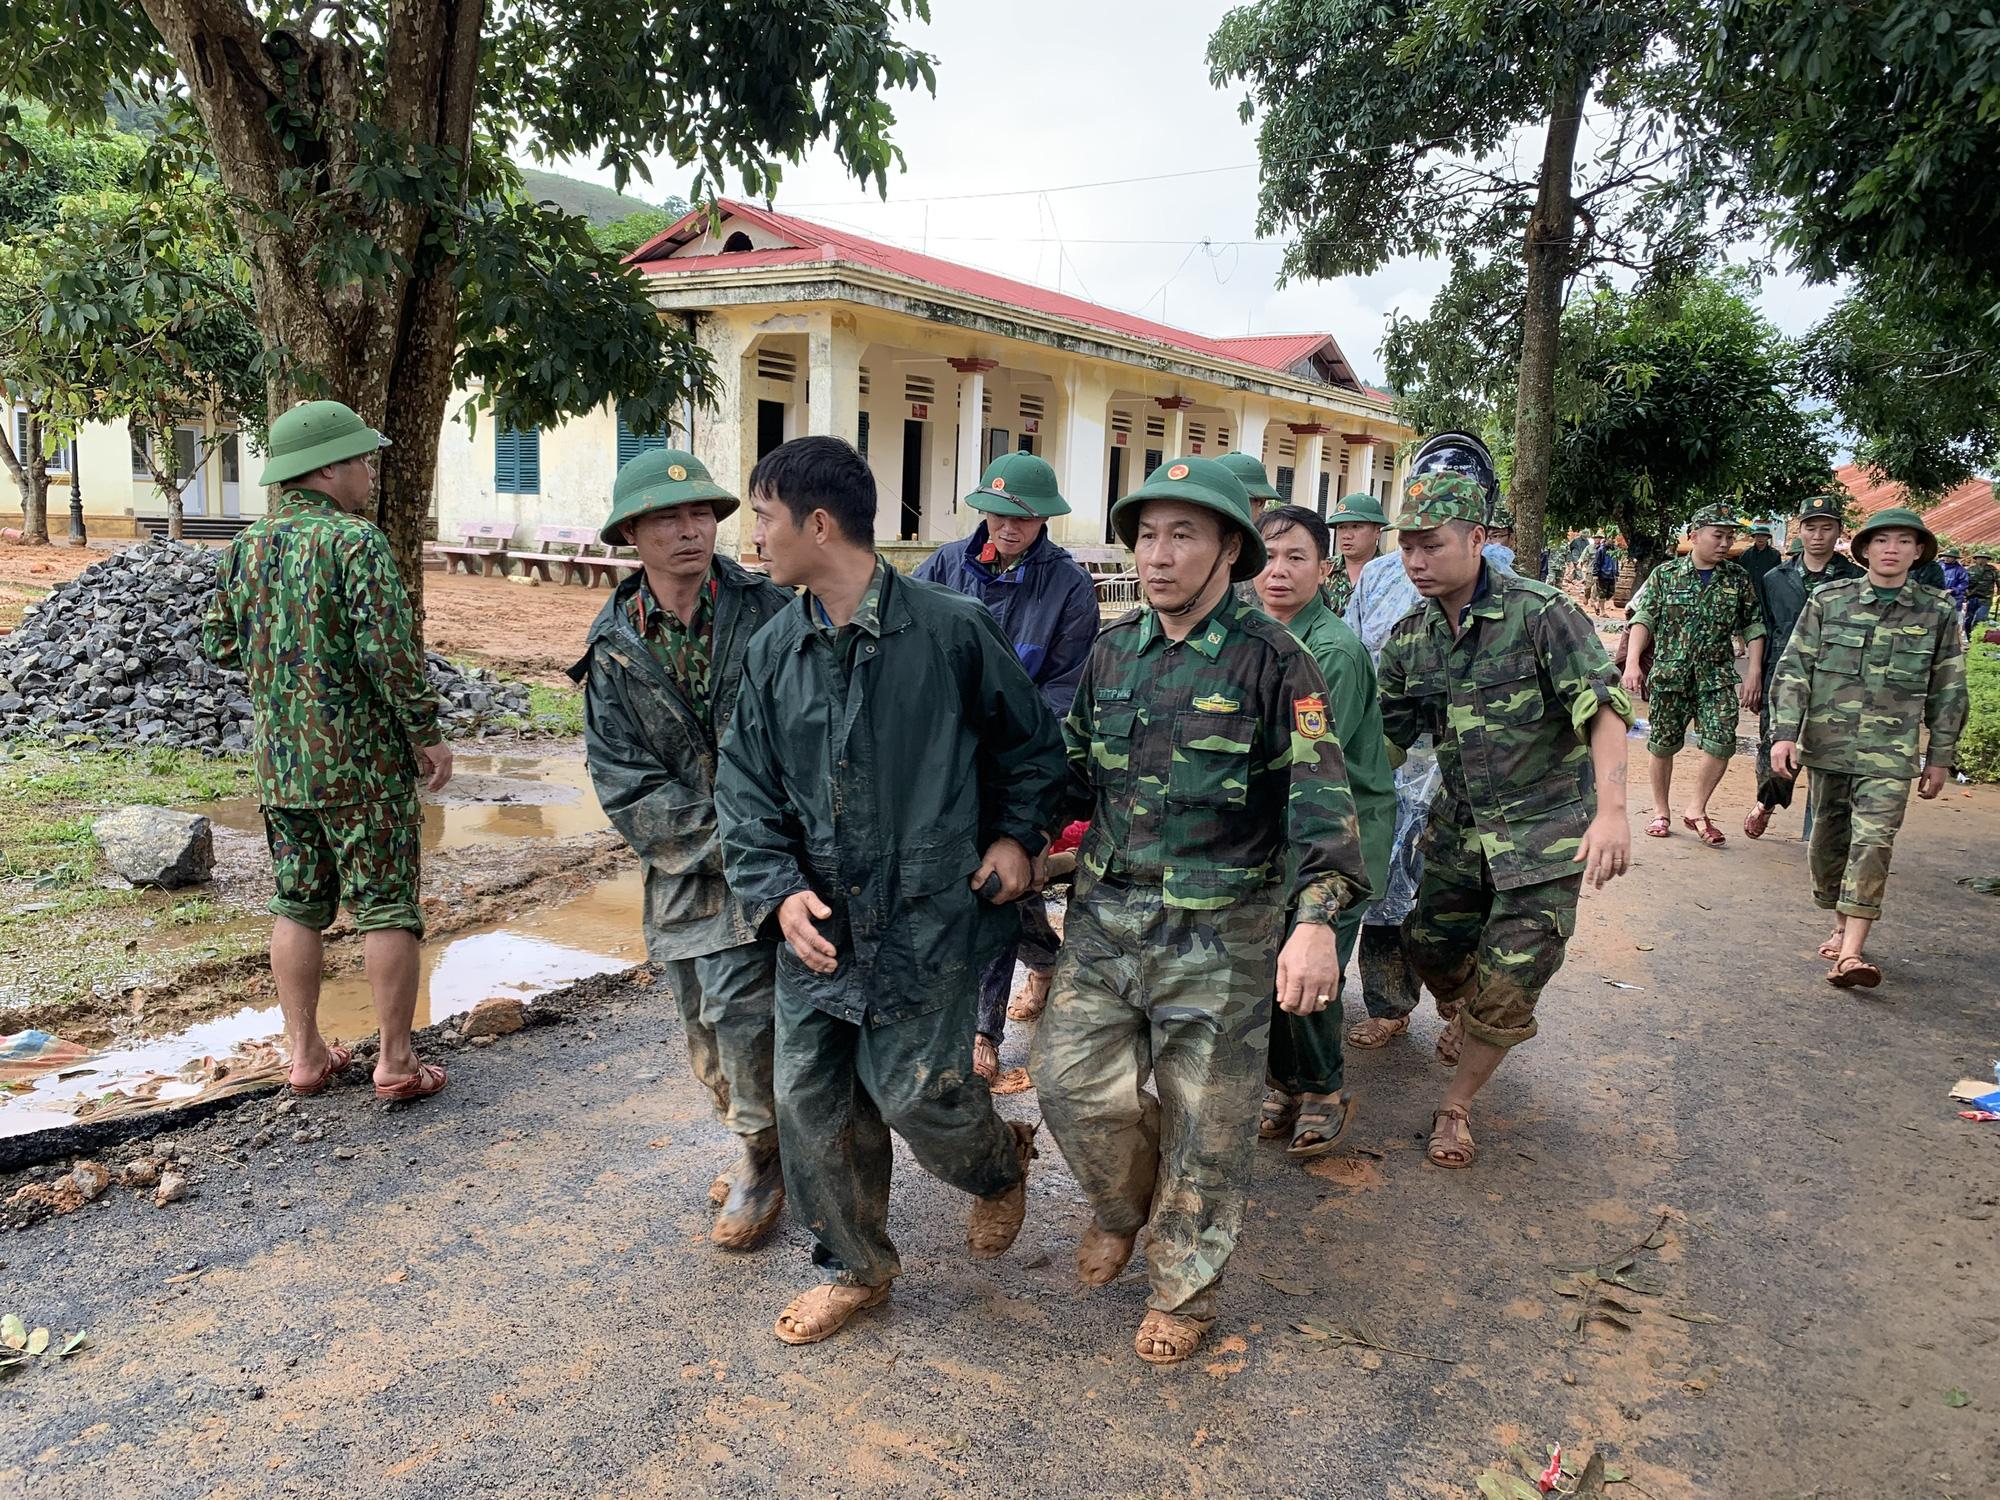 Thủ tướng Nguyễn Xuân Phúc yêu cầu sớm tìm kiếm người bị mất tích, vùi lấp ở Rào Trăng 3 và Đoàn 337 - Ảnh 2.